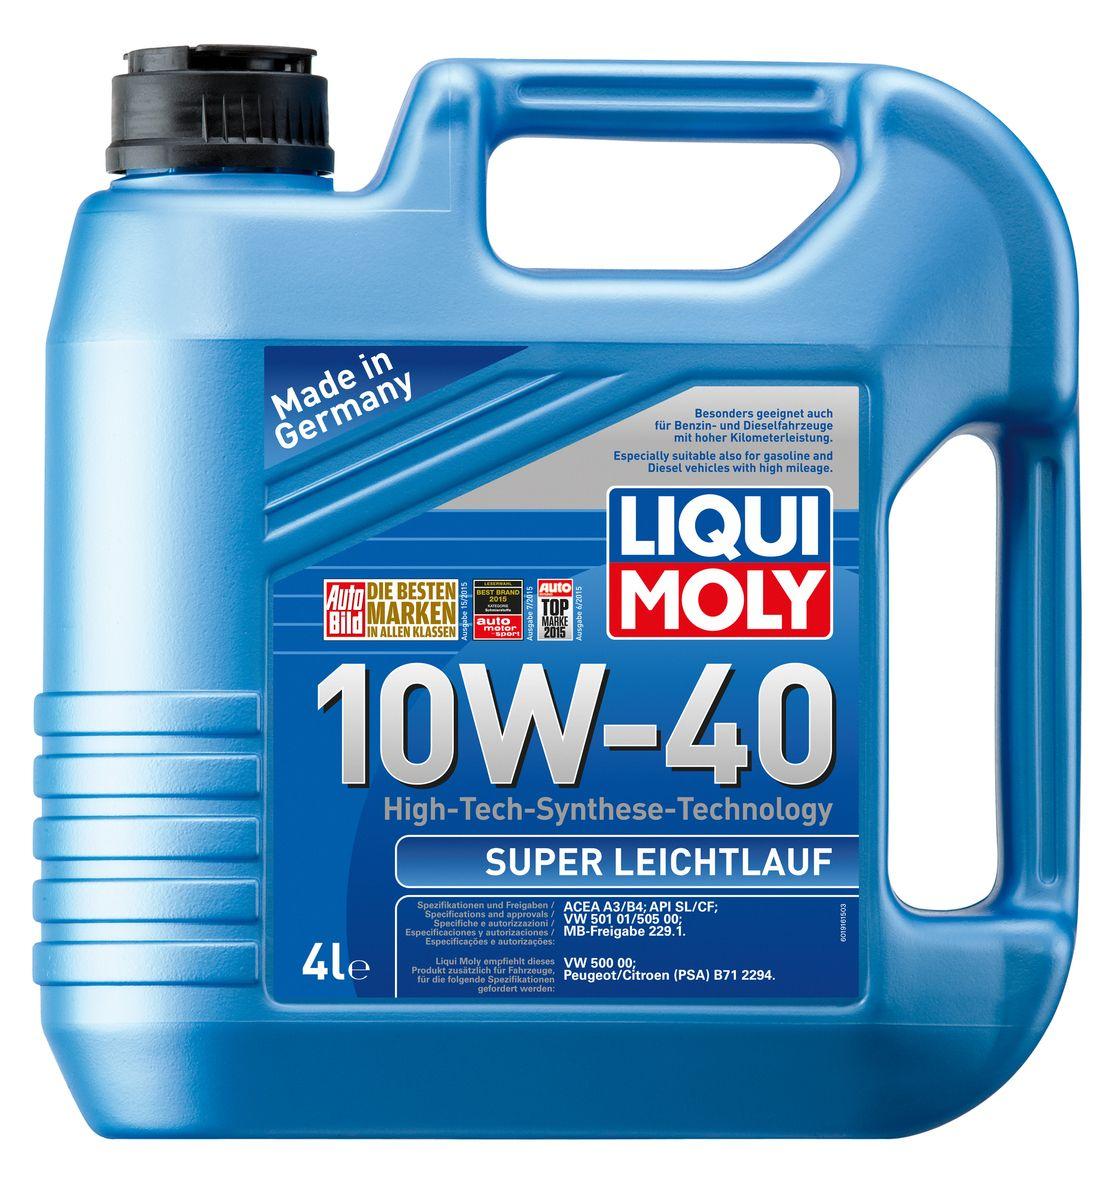 Масло моторное Liqui Moly Super Leichtlauf, НС-синтетическое, 10W-40, 4 л1916Масло моторное Liqui Moly Super Leichtlauf - универсальное моторное масло на базе гидрокрекинговой технологии синтеза (HC-синтеза). Удовлетворяет современным требованиям международных стандартов API и ACEA, а также имеет оригинальные допуски таких производителей, как Mercedes-Benz, Volkswagen Group. Масло имеет высокую стабильность к окислению и угару, поэтому может использоваться в нагруженных бензиновых и дизельных двигателях с турбонаддувом и интеркулером. В моторном масле Leichtlauf Super 10W-40 используются базовые компоненты, произведенные по новейшим технологиям синтеза и отличающиеся высочайшими защитными свойствами. Масло содержит современный пакет присадок, который обеспечивает высокий уровень защиты от износа и гарантирует стабильное поступление масла ко всем деталям двигателя. Особенности: - Высокая стабильность масляной пленки при высоких и низких температурах- Высокие противоизносные свойства- Обеспечивает оптимальную чистоту двигателя- Протестировано на совместимость с турбированными двигателями и катализаторомДопуск: -API: SL/CF-ACEA: A3/B4-MB: 229.1-VW: 501 01/505 00